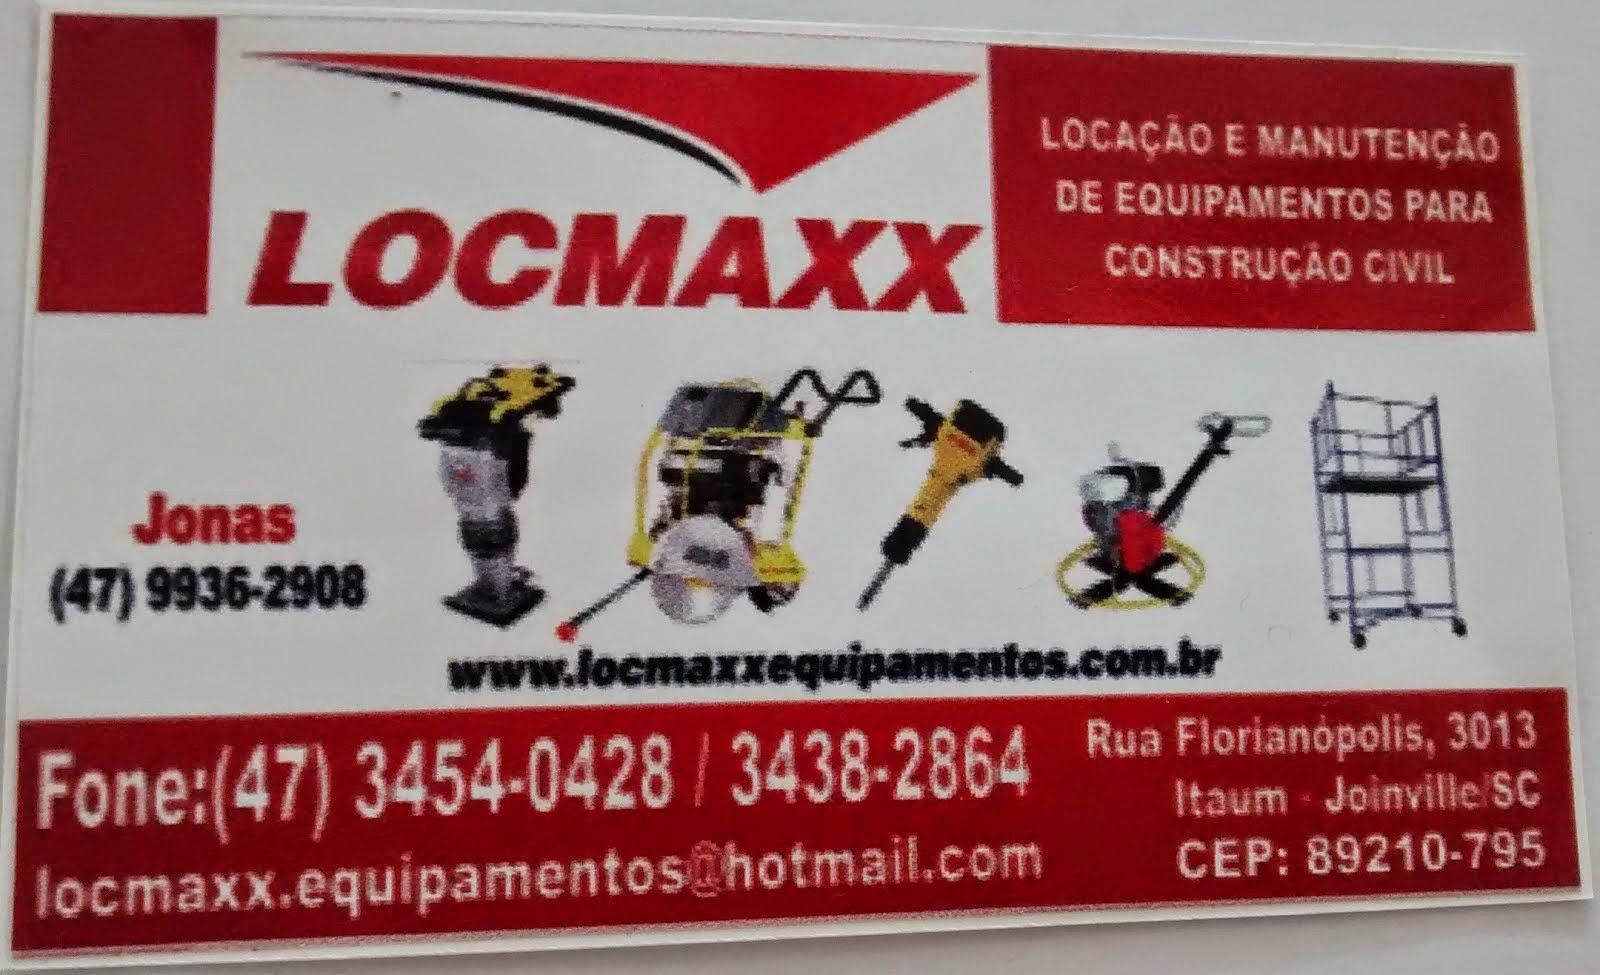 Locmaxx